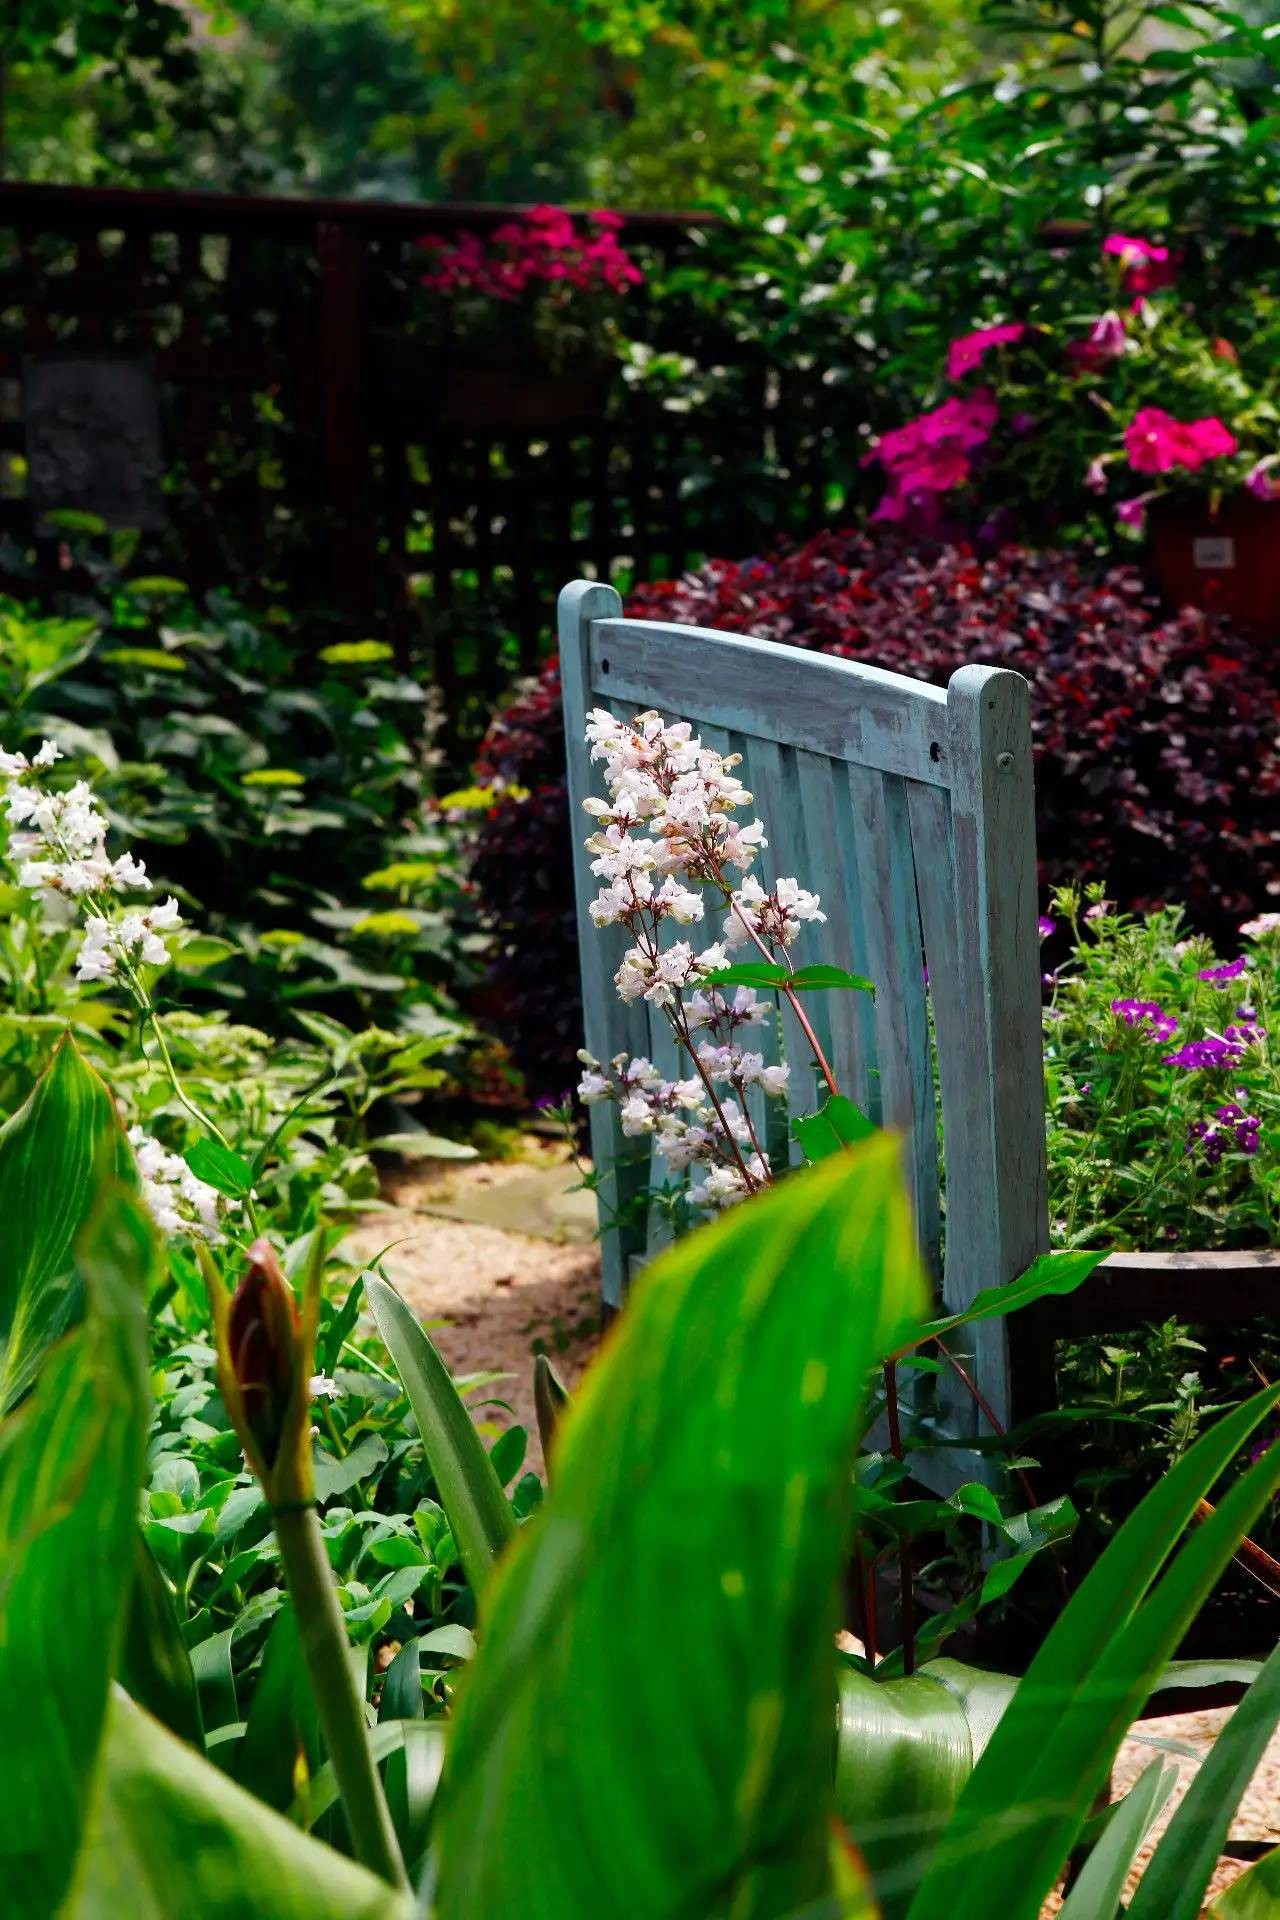 Khu vườn bình yên như xứ sở thần tiên ngập tràn hoa lá do cô gái tận tụy bỏ cả thanh xuân để chăm bón suốt 10 năm - Ảnh 12.